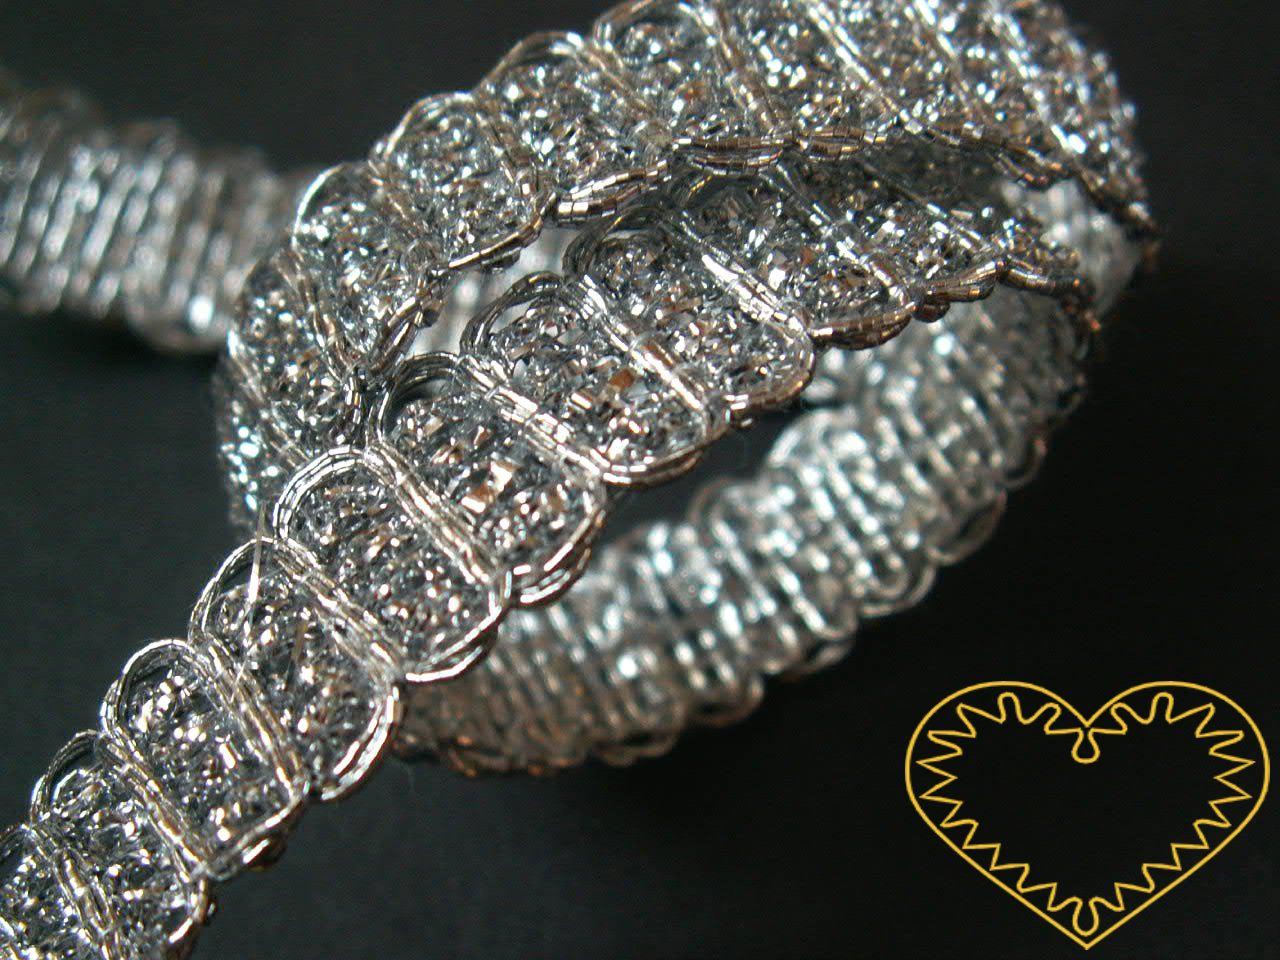 Stříbrný kovový leonský prýmek - široký 1,2 cm . Vhodný na zdobení a lemování oděvního i bytového textilu, také jako přízdoby maňásků, panenek, loutek.